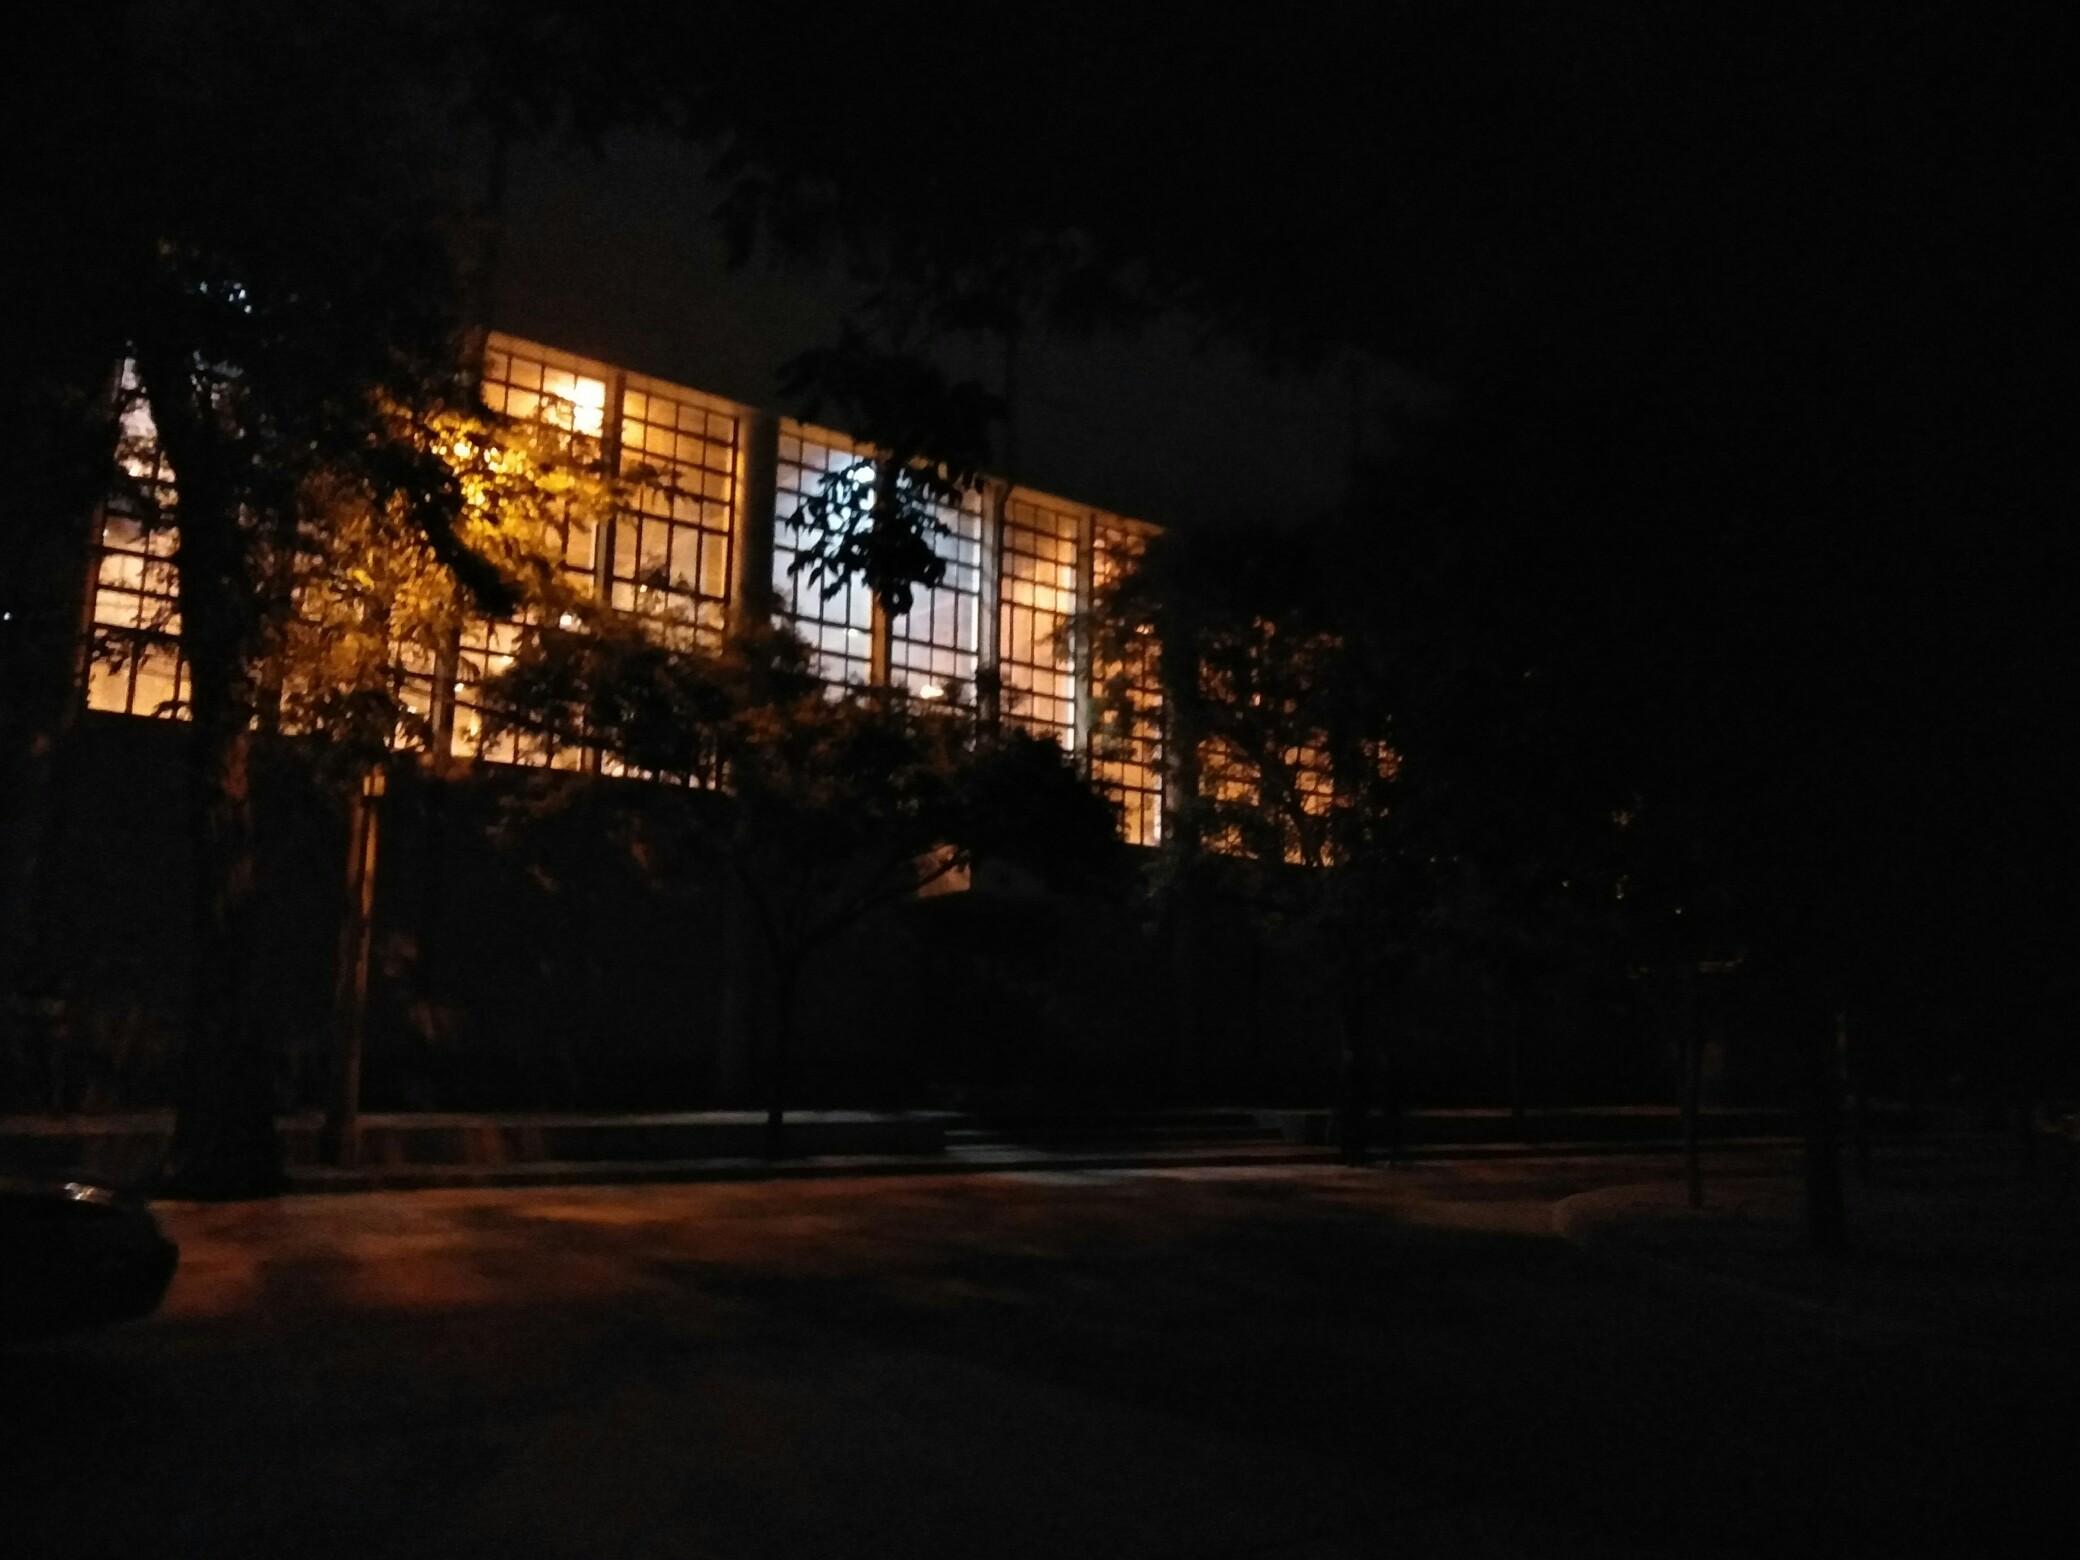 夜景背景素材 暗色